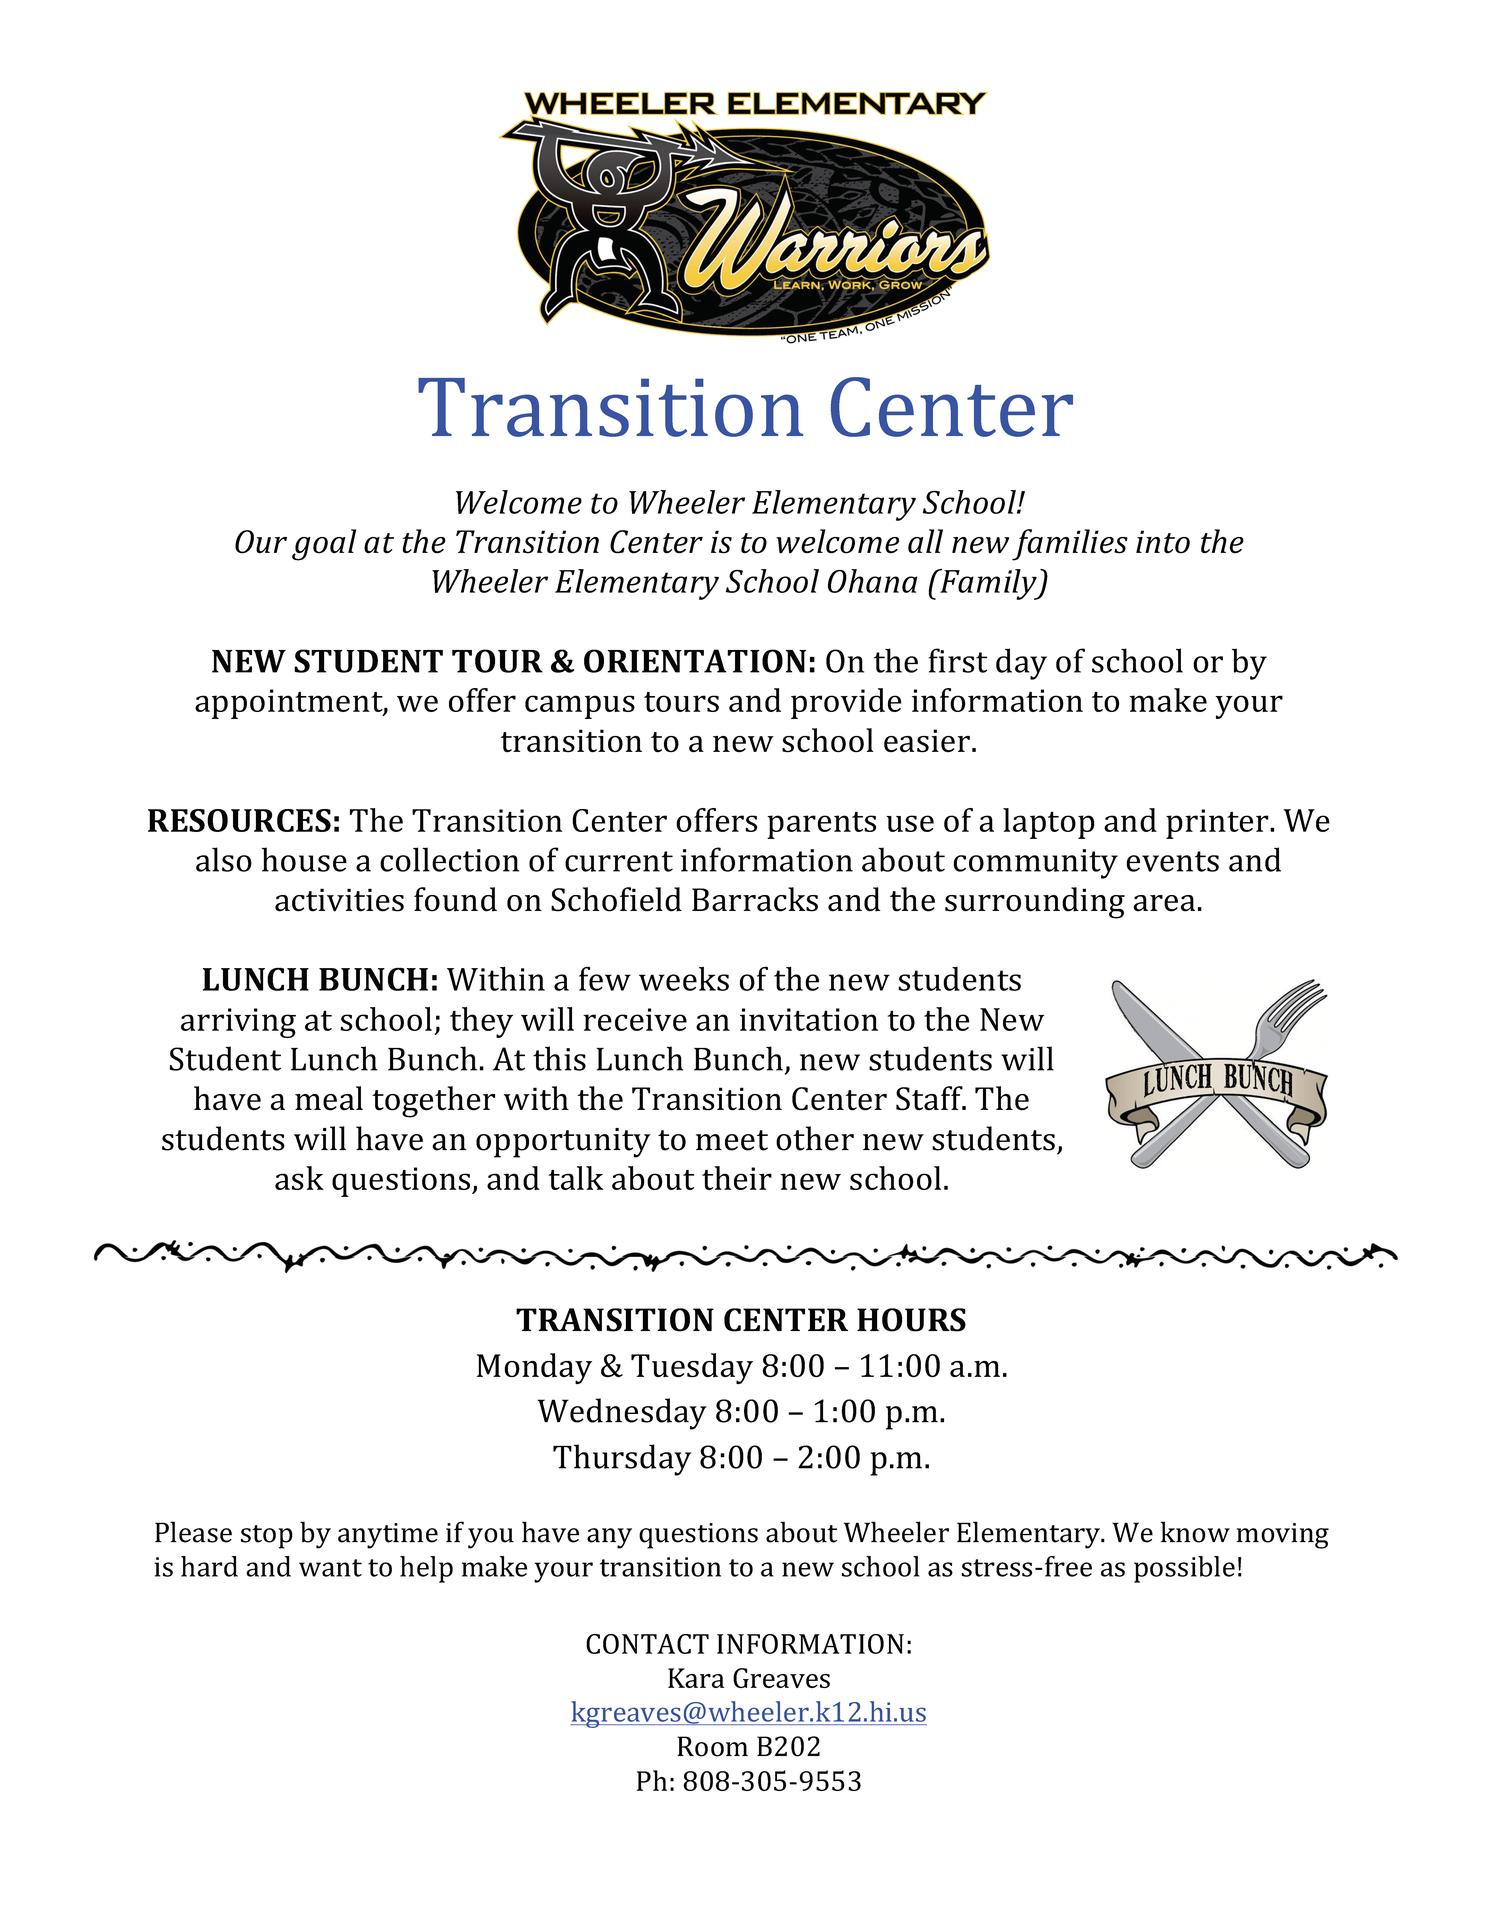 Transition Center information